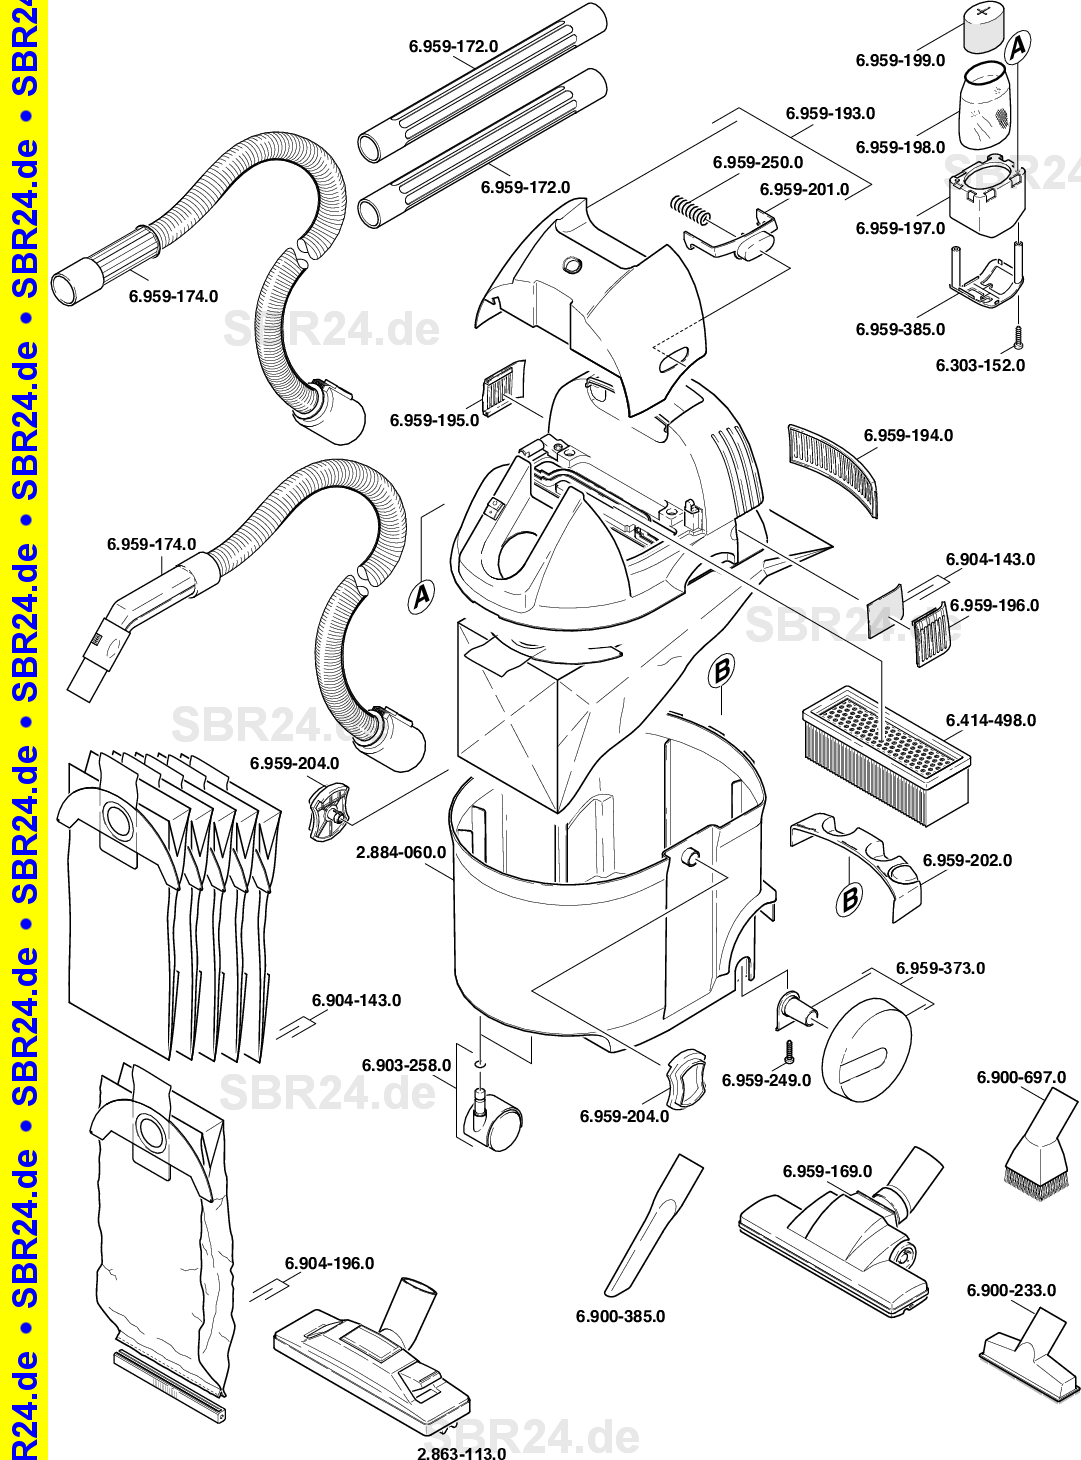 Kärcher Ersatzteile K 2501 Nt Duese Eu 1080 1310